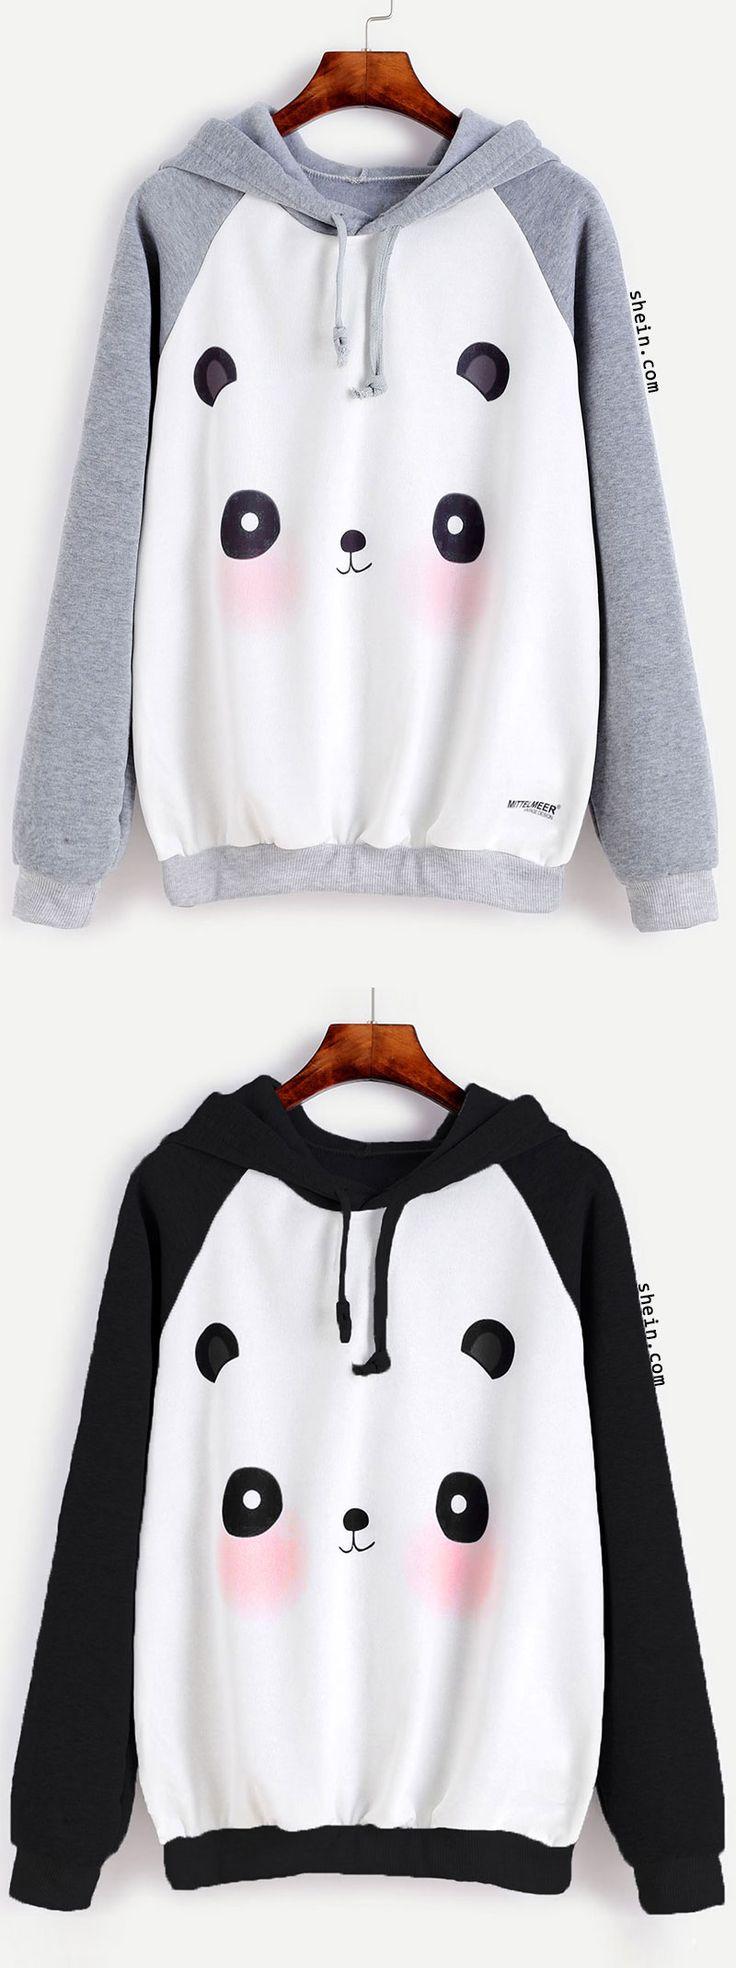 Cartoon Panda Print Raglan Hoodie